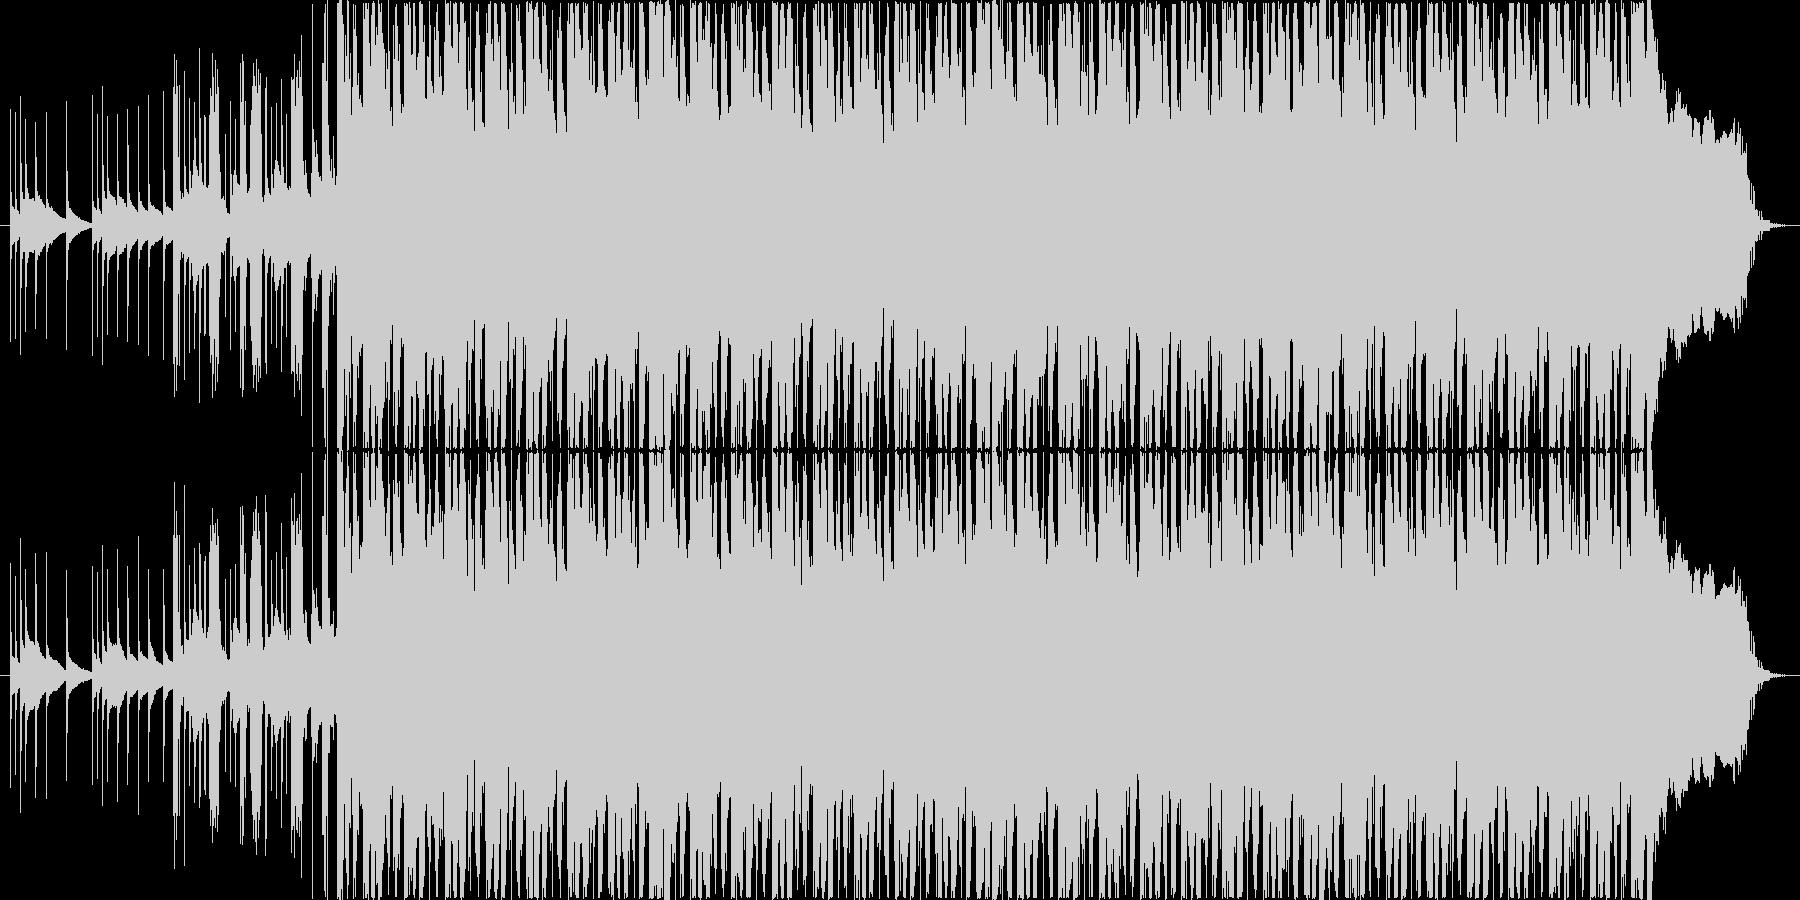 緊張感のあるギターインストの未再生の波形